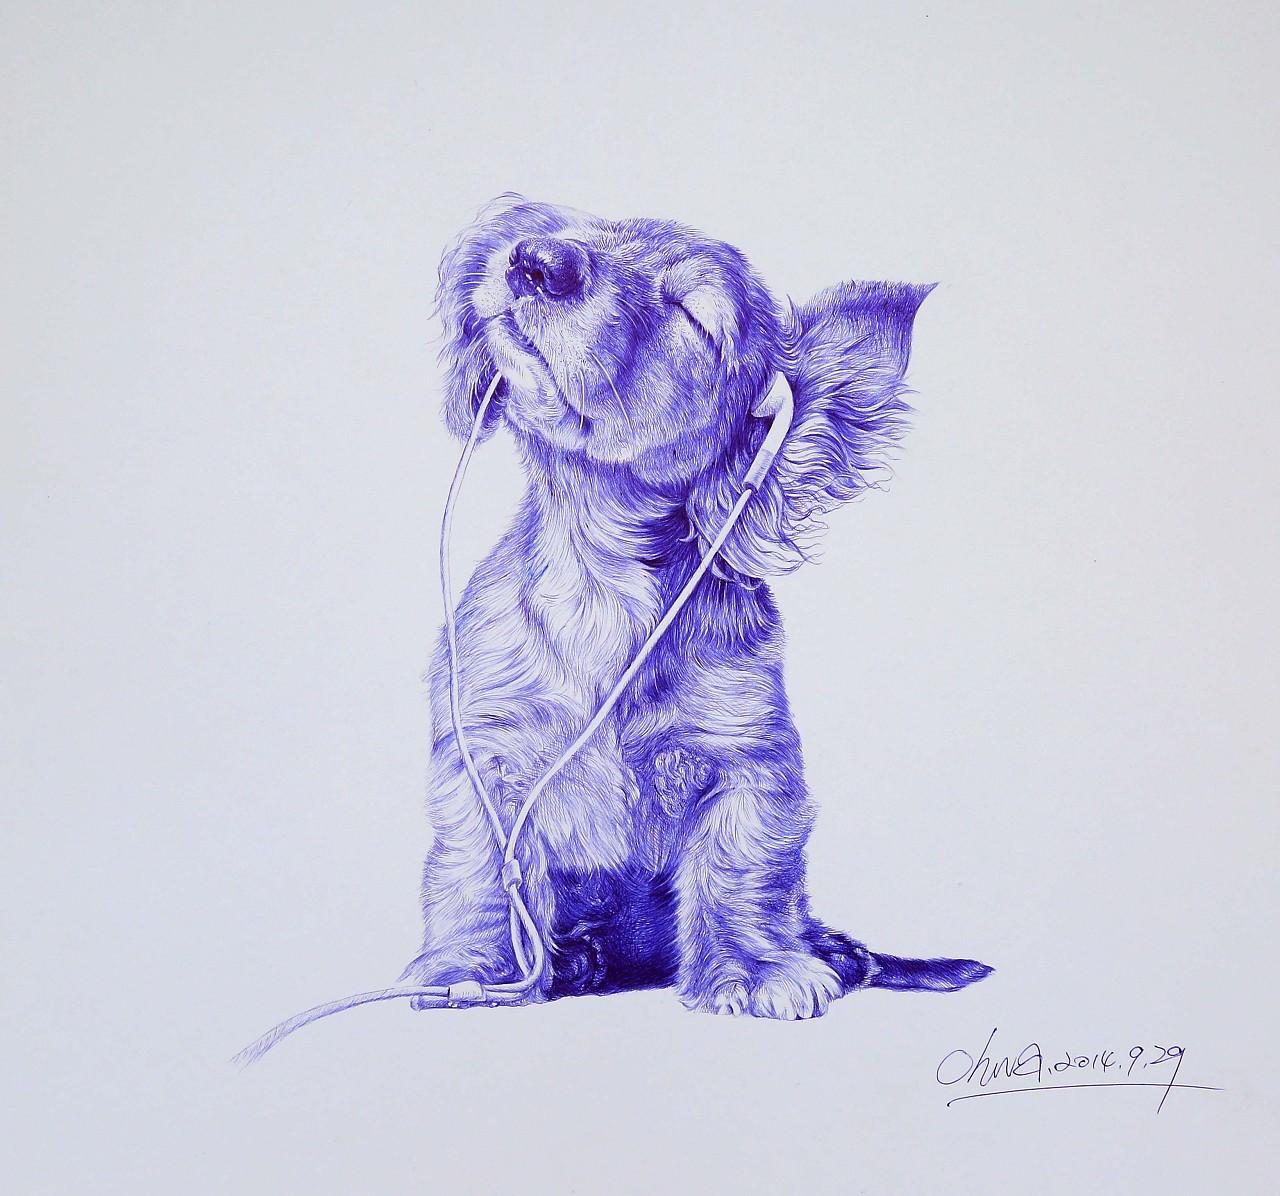 圆珠笔动物系列2